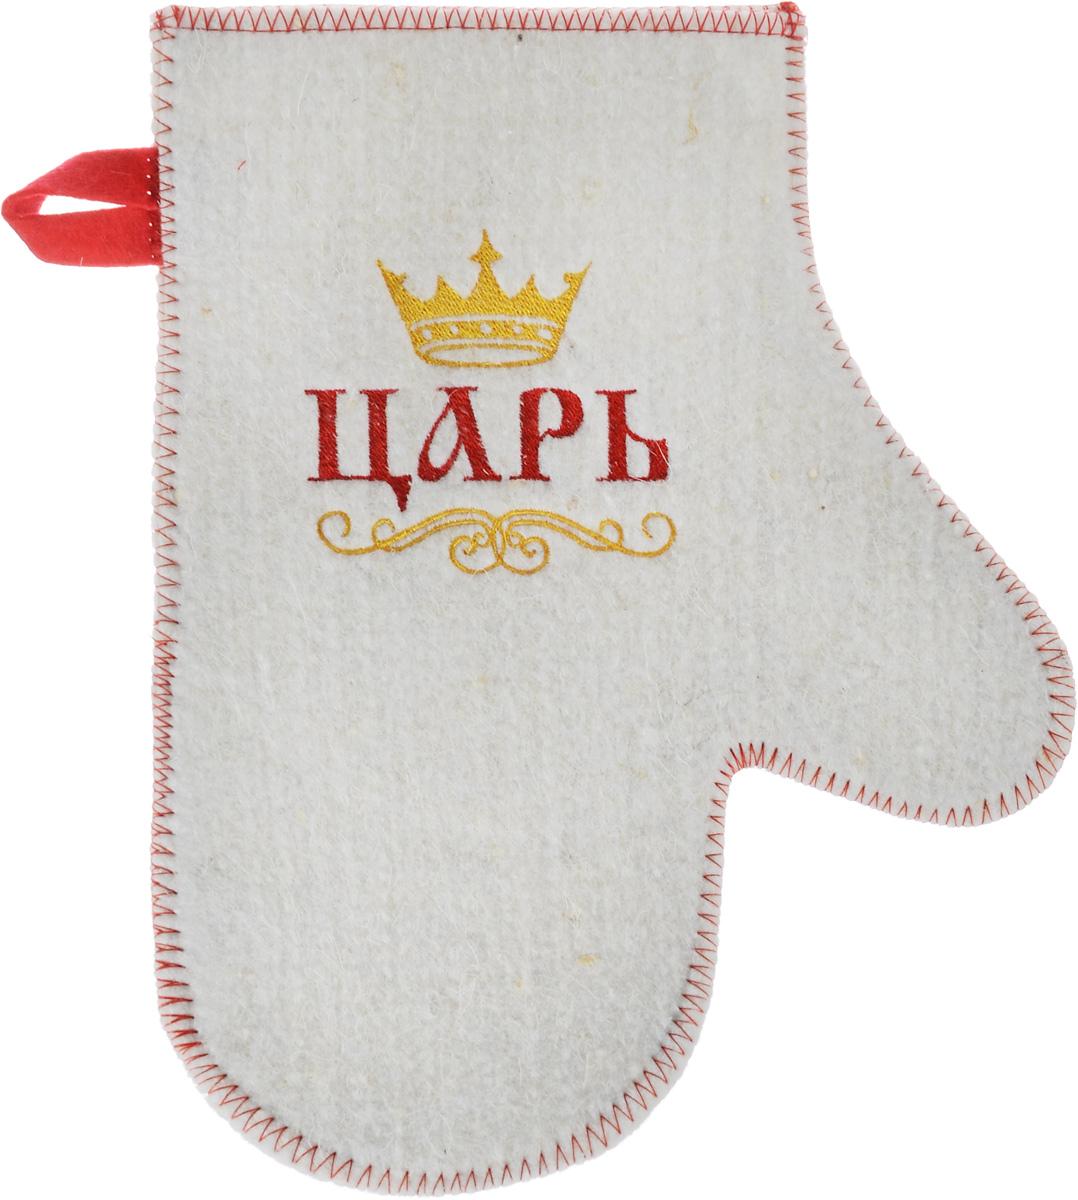 Рукавица для бани и сауны Главбаня Царь531-401Рукавица Главбаня Царь, изготовленная из войлока, - незаменимый банный атрибут. Изделие декорировано ярким рисунком и оснащено петелькой для подвешивания на крючок. Такая рукавица защищает руки от горячего пара, делает комфортным пребывание в парной. Также ею можно прекрасно промассировать тело.Размер рукавицы: 23 х 28 см.Материал: войлок (50% шерсть, 50% полиэфир).